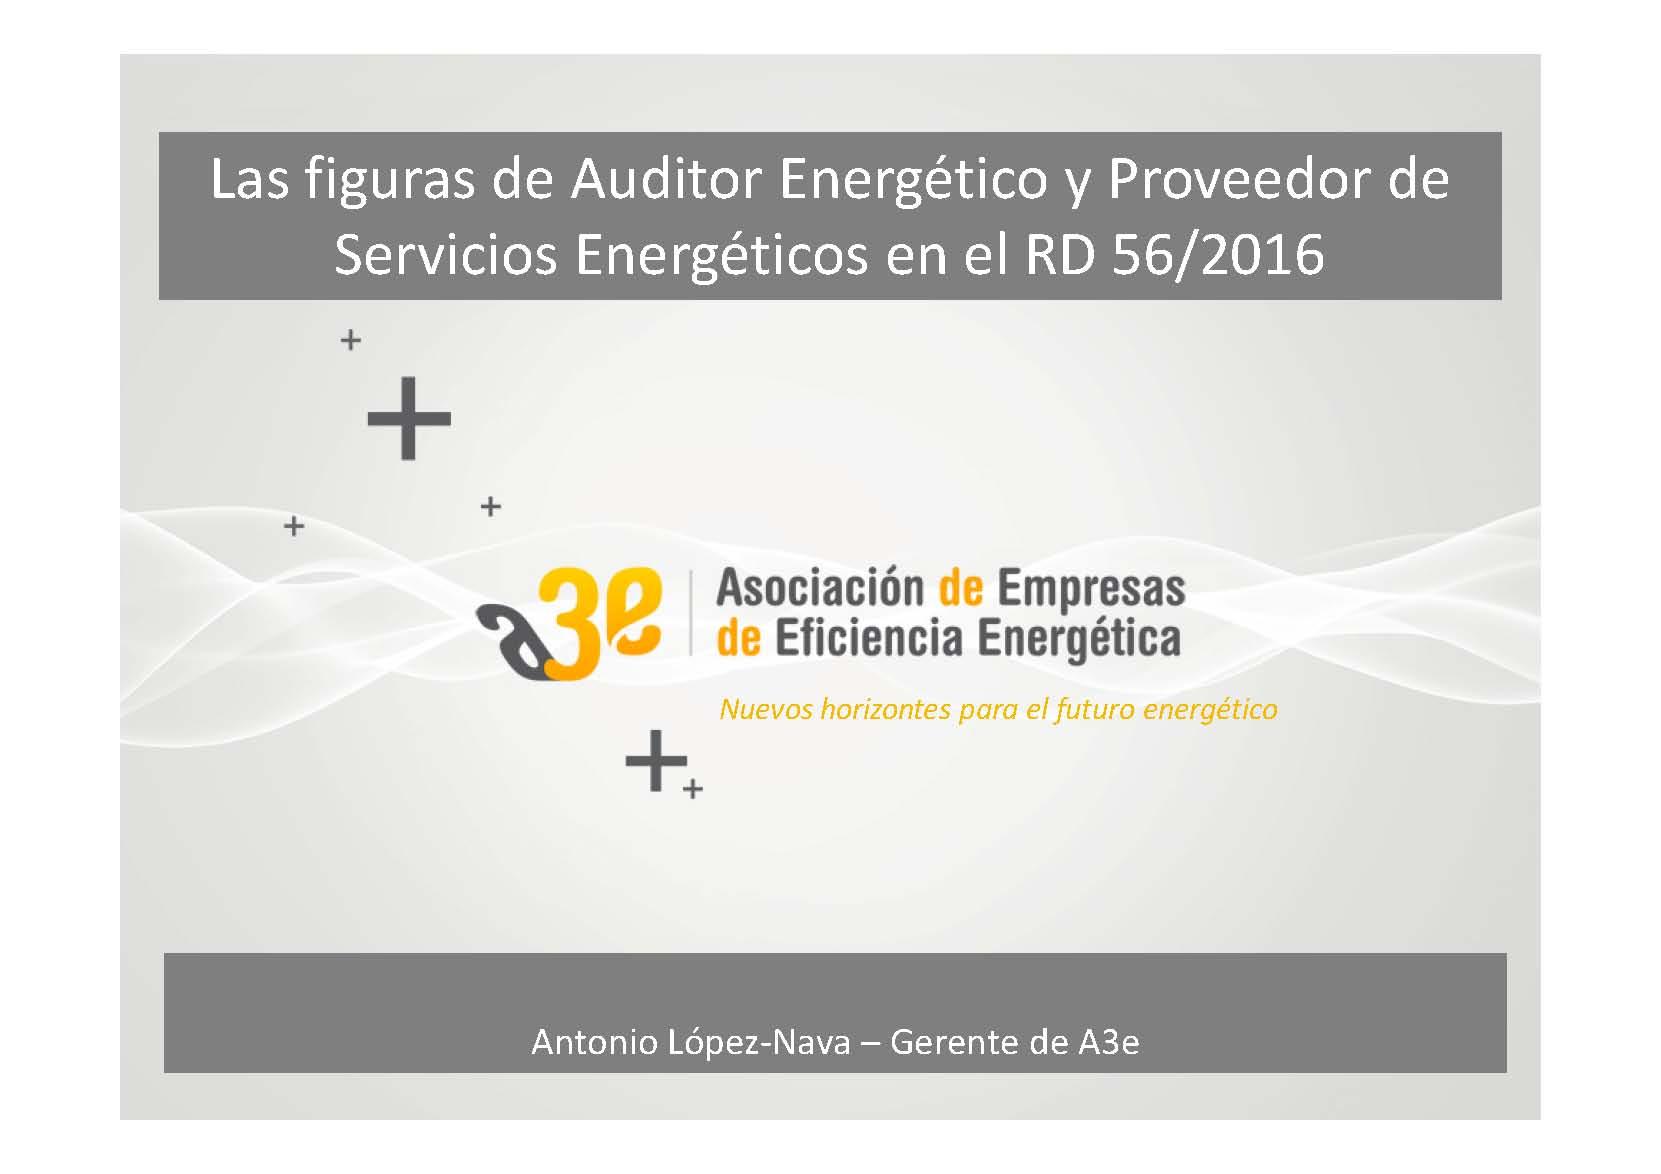 Las figuras de Auditor Energético y Proveedor de Servicios Energéticos